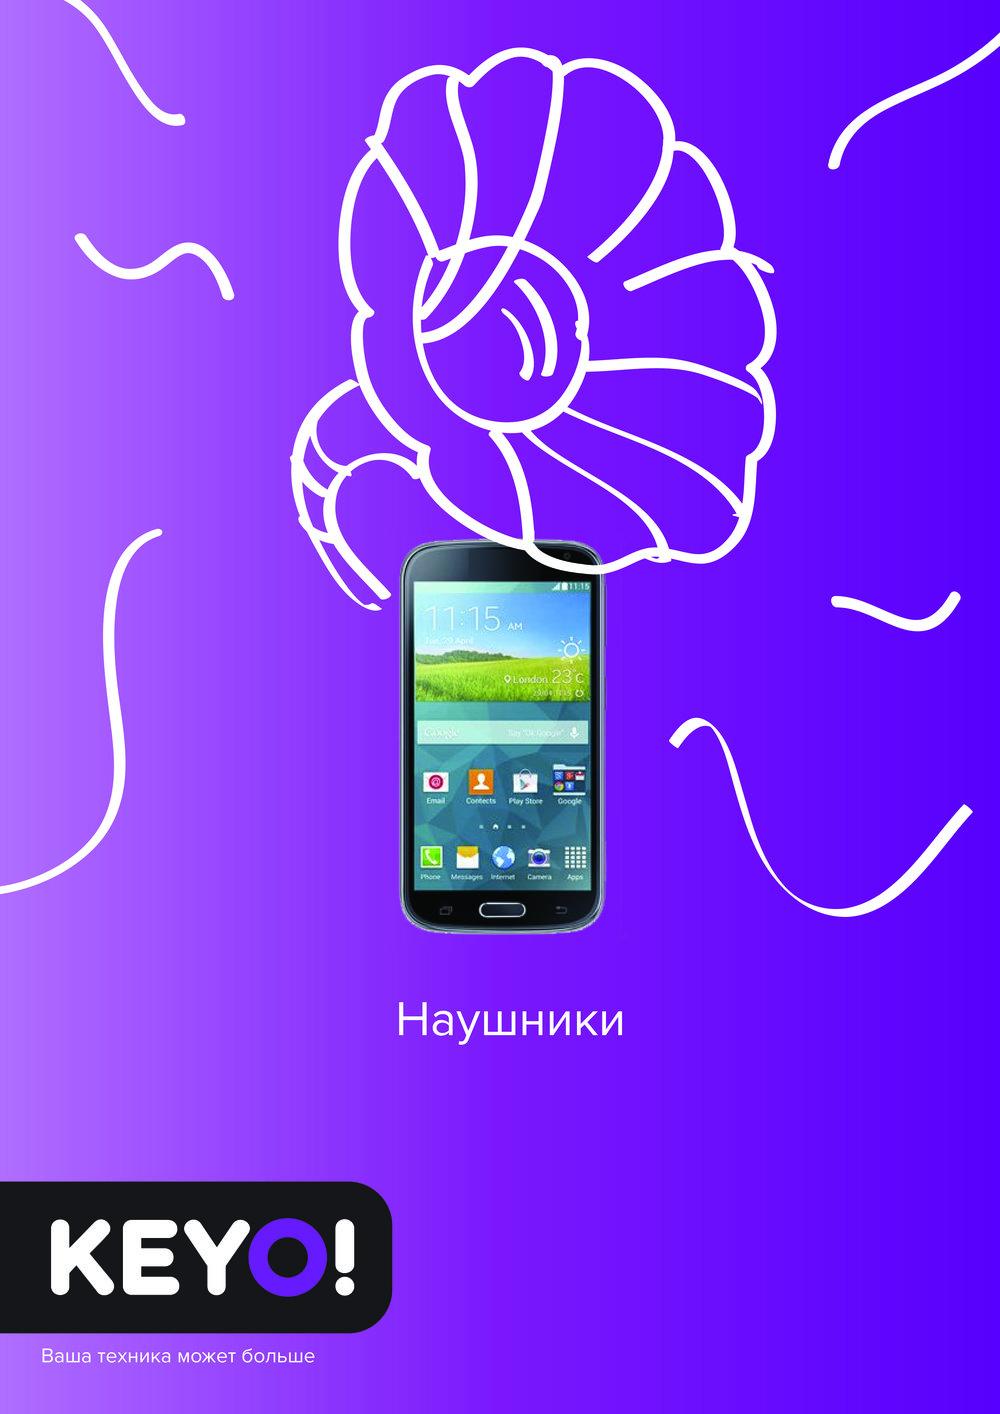 Keyo!_final_03.jpg